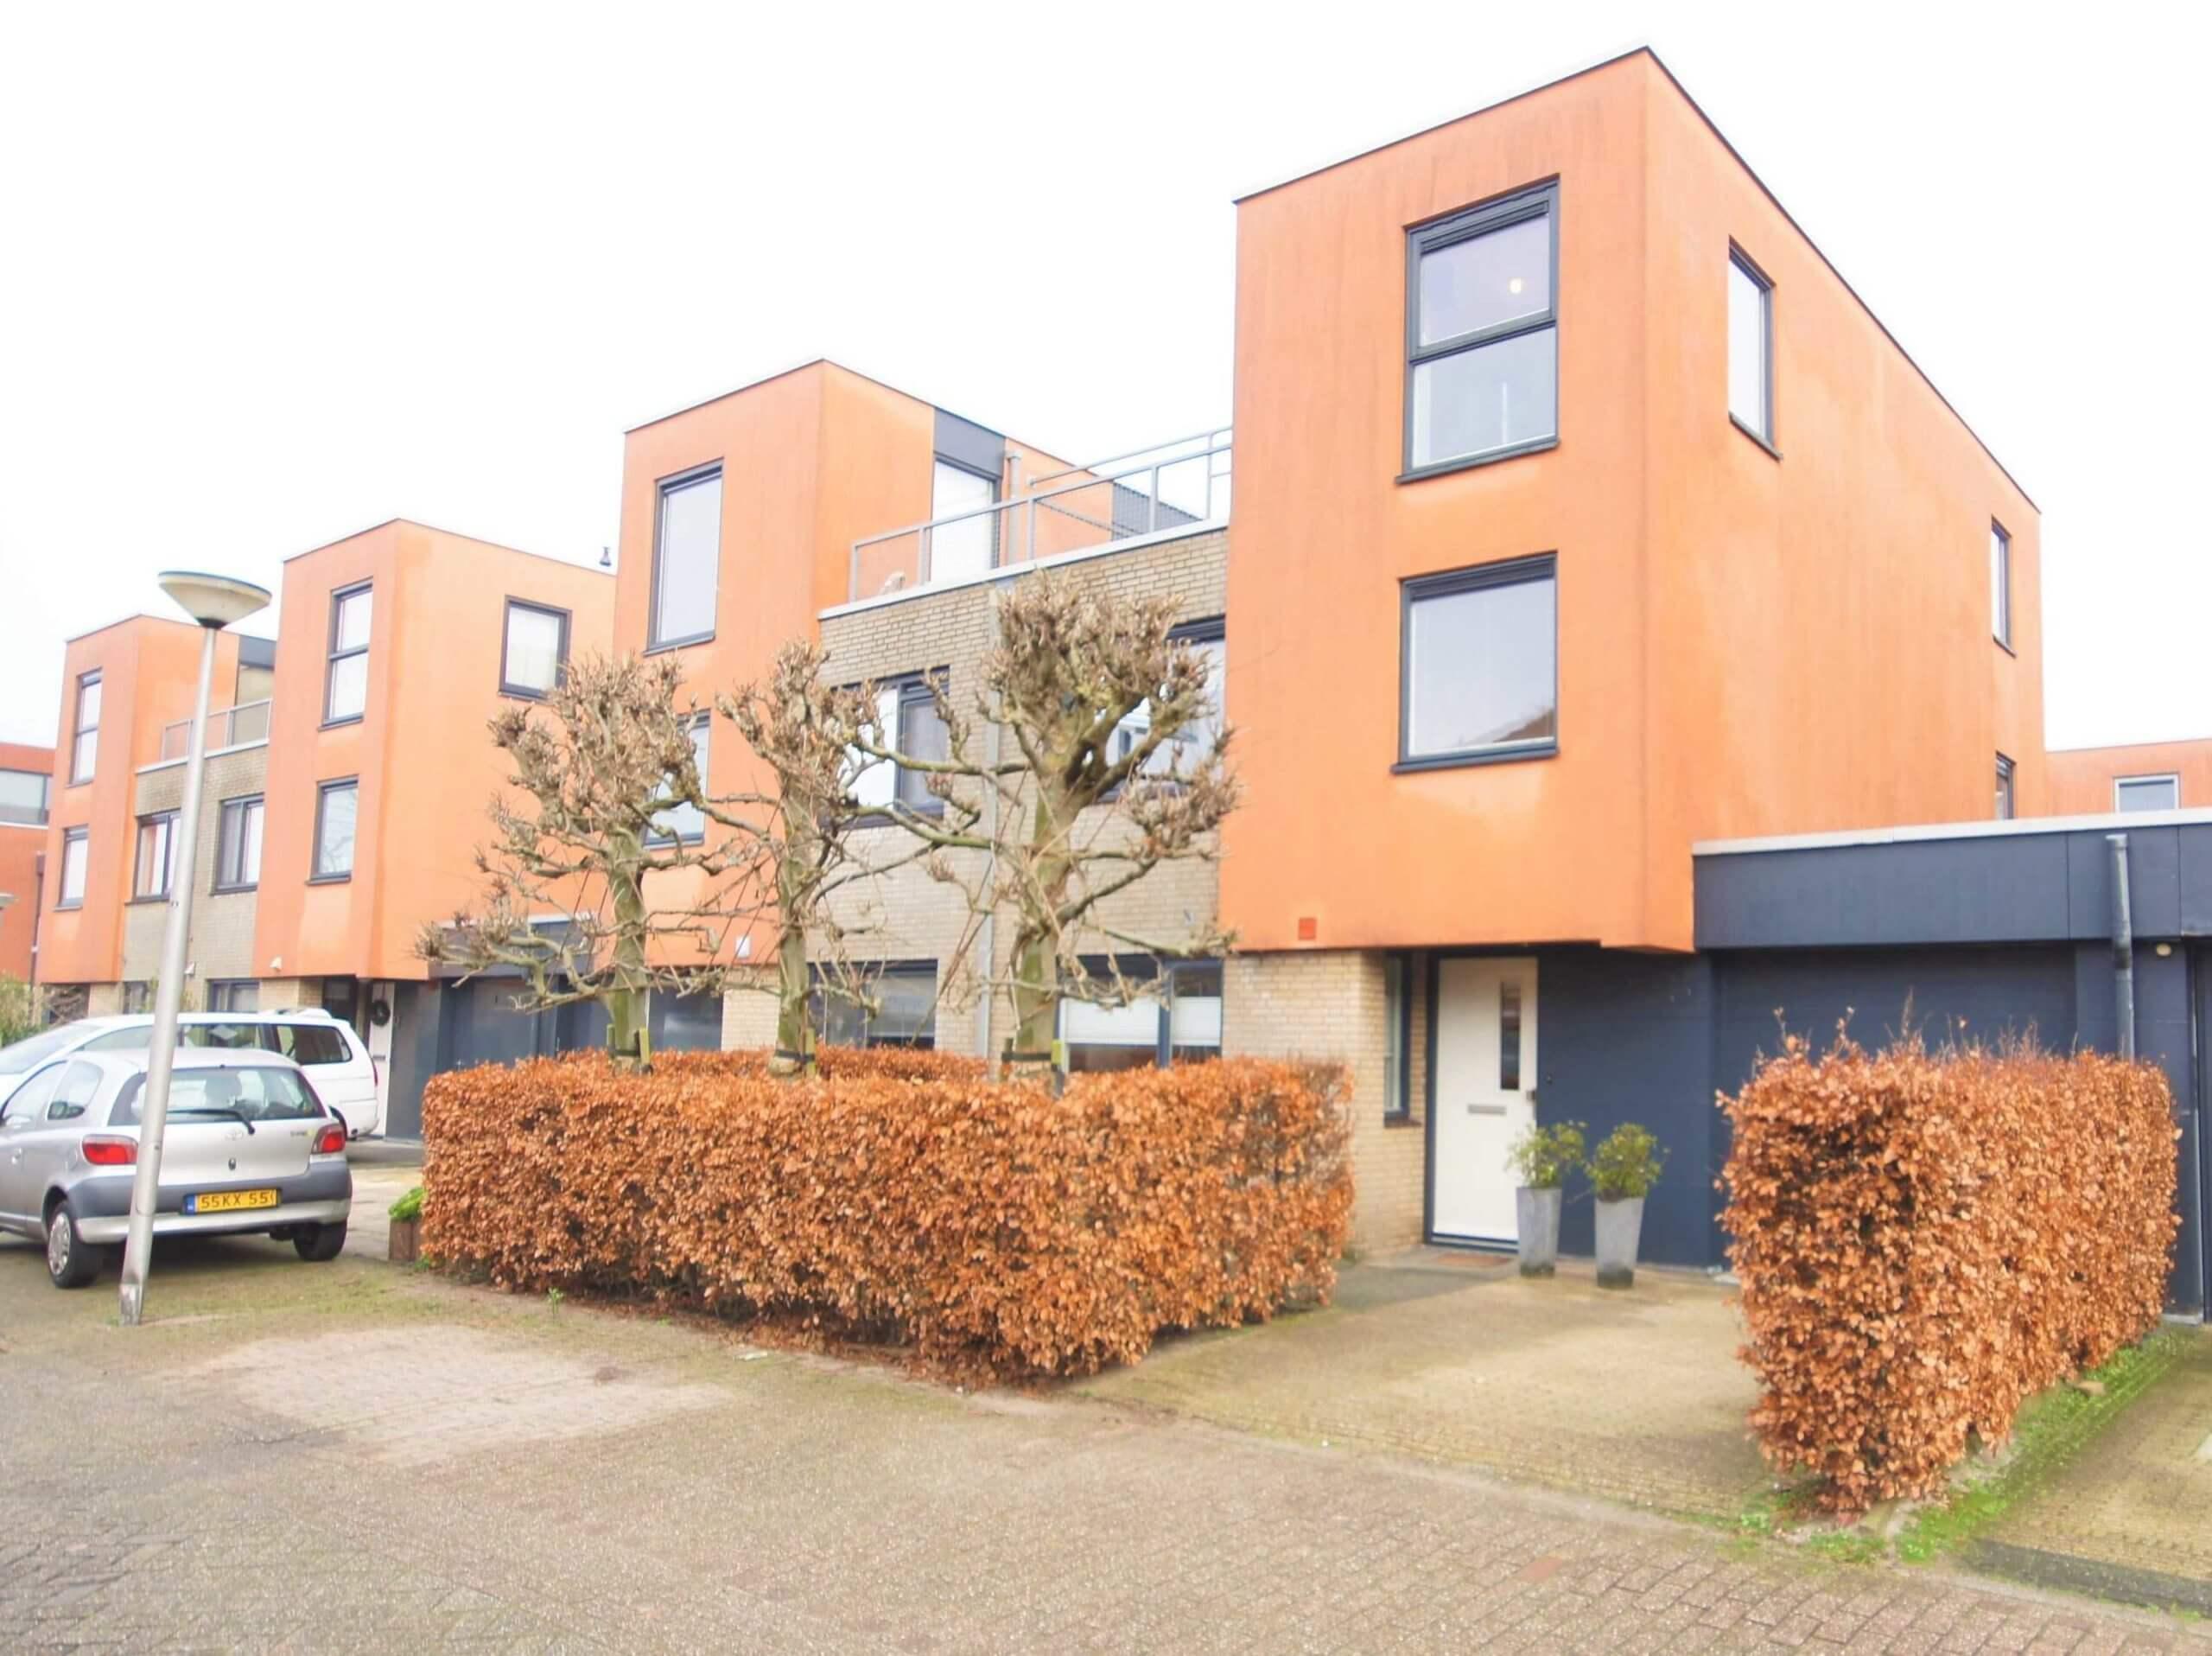 Luxemburgsezoom 8 Nieuwerkerk a/d IJssel HUIZEN010 makelaars